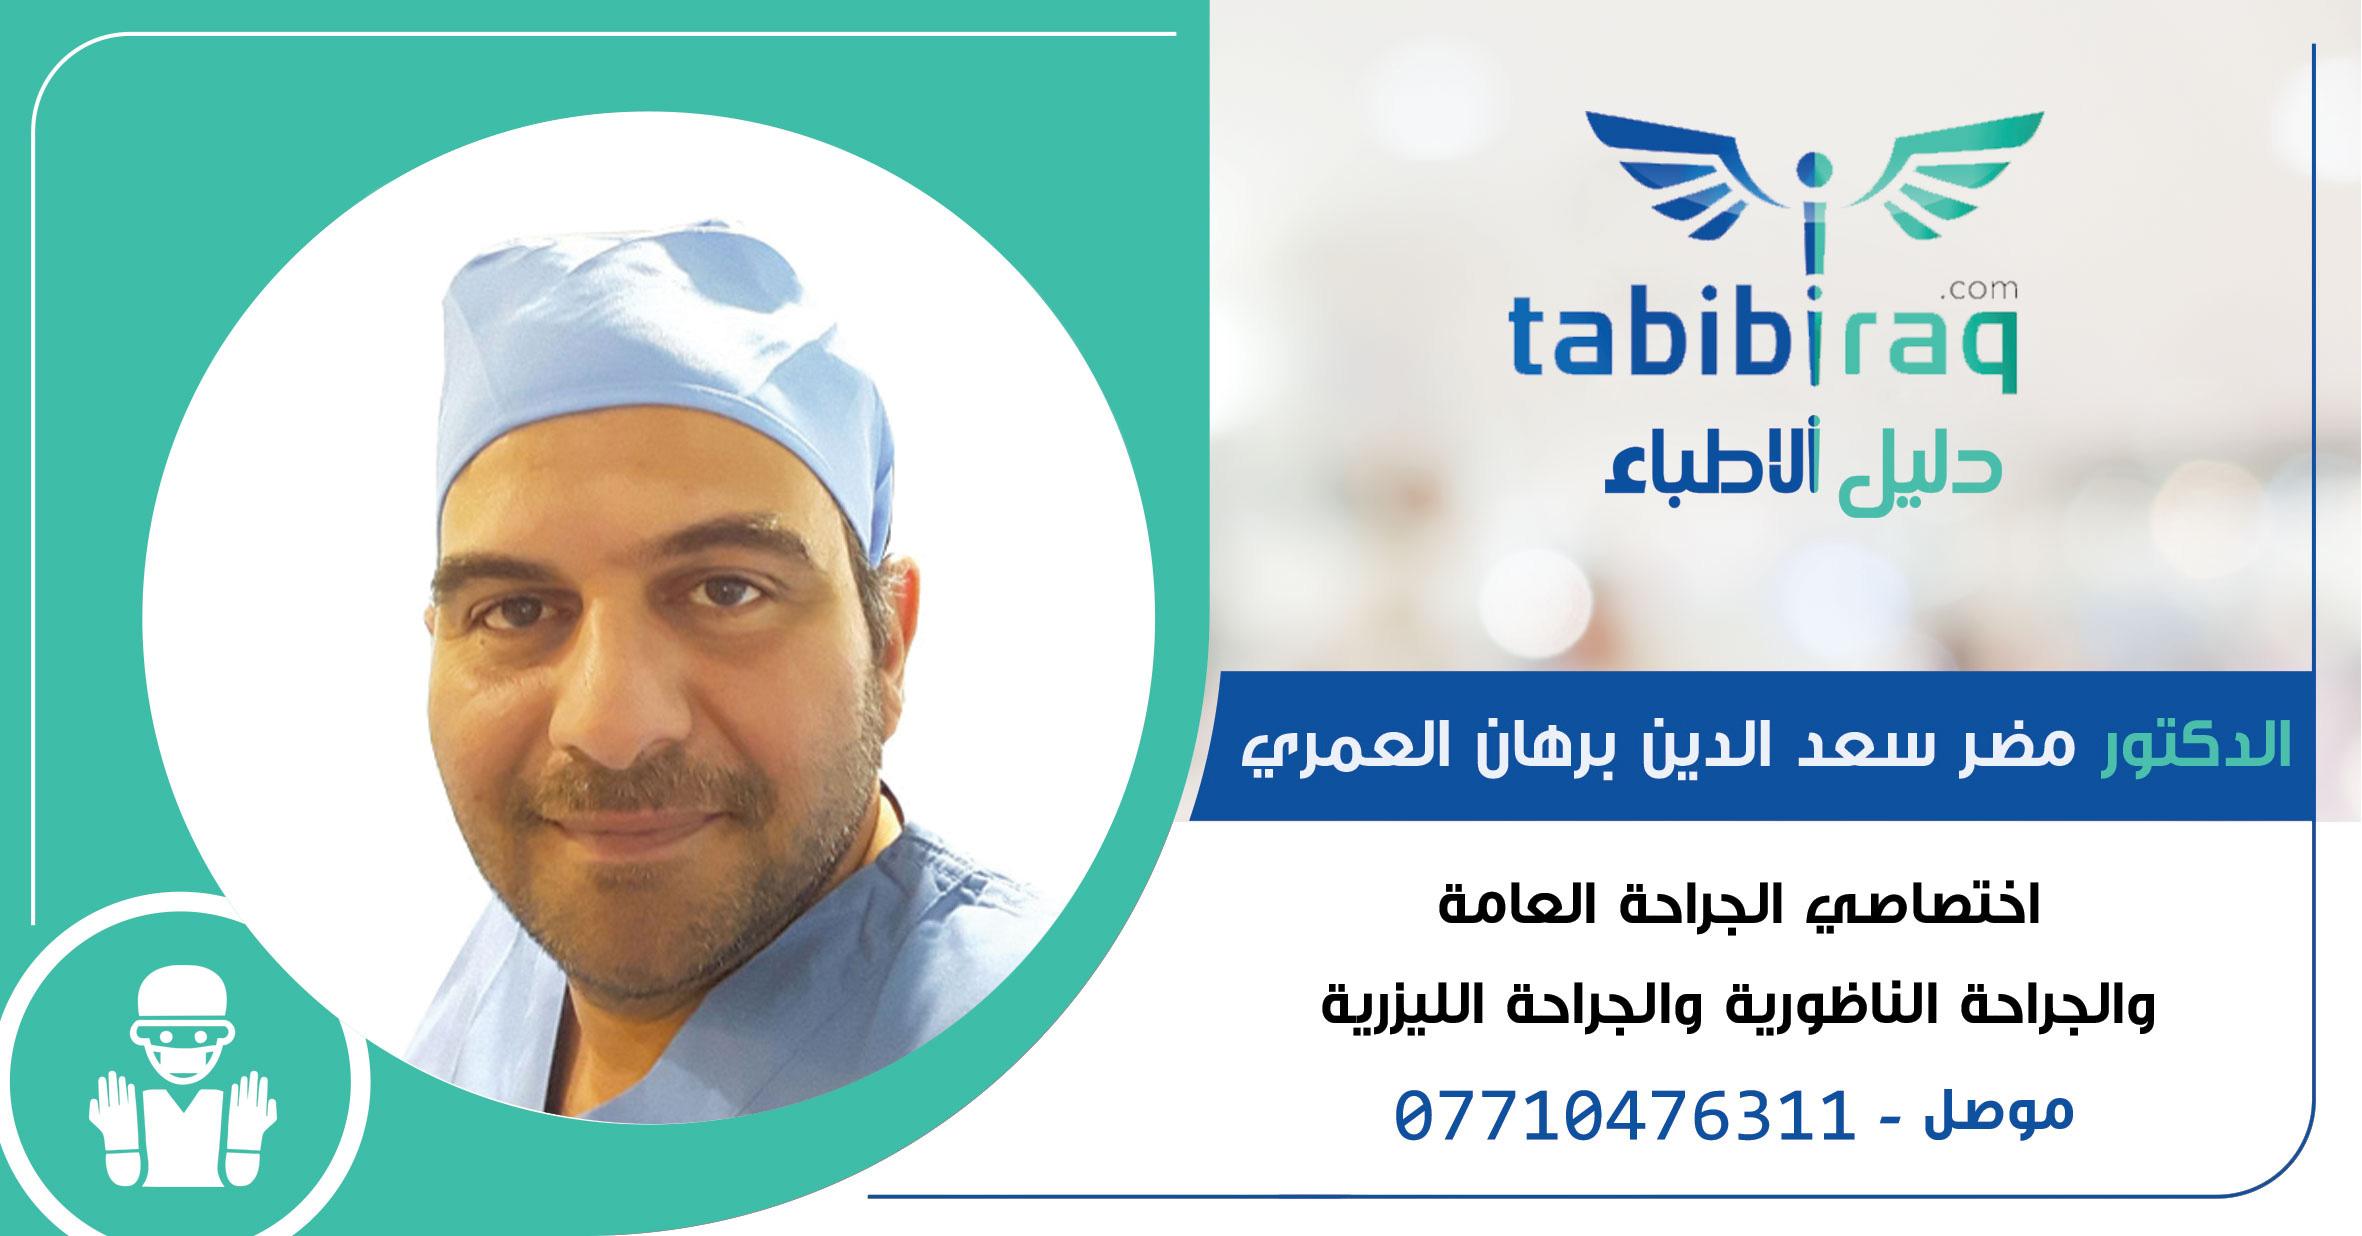 الدكتور مضر سعد الدين برهان العمري